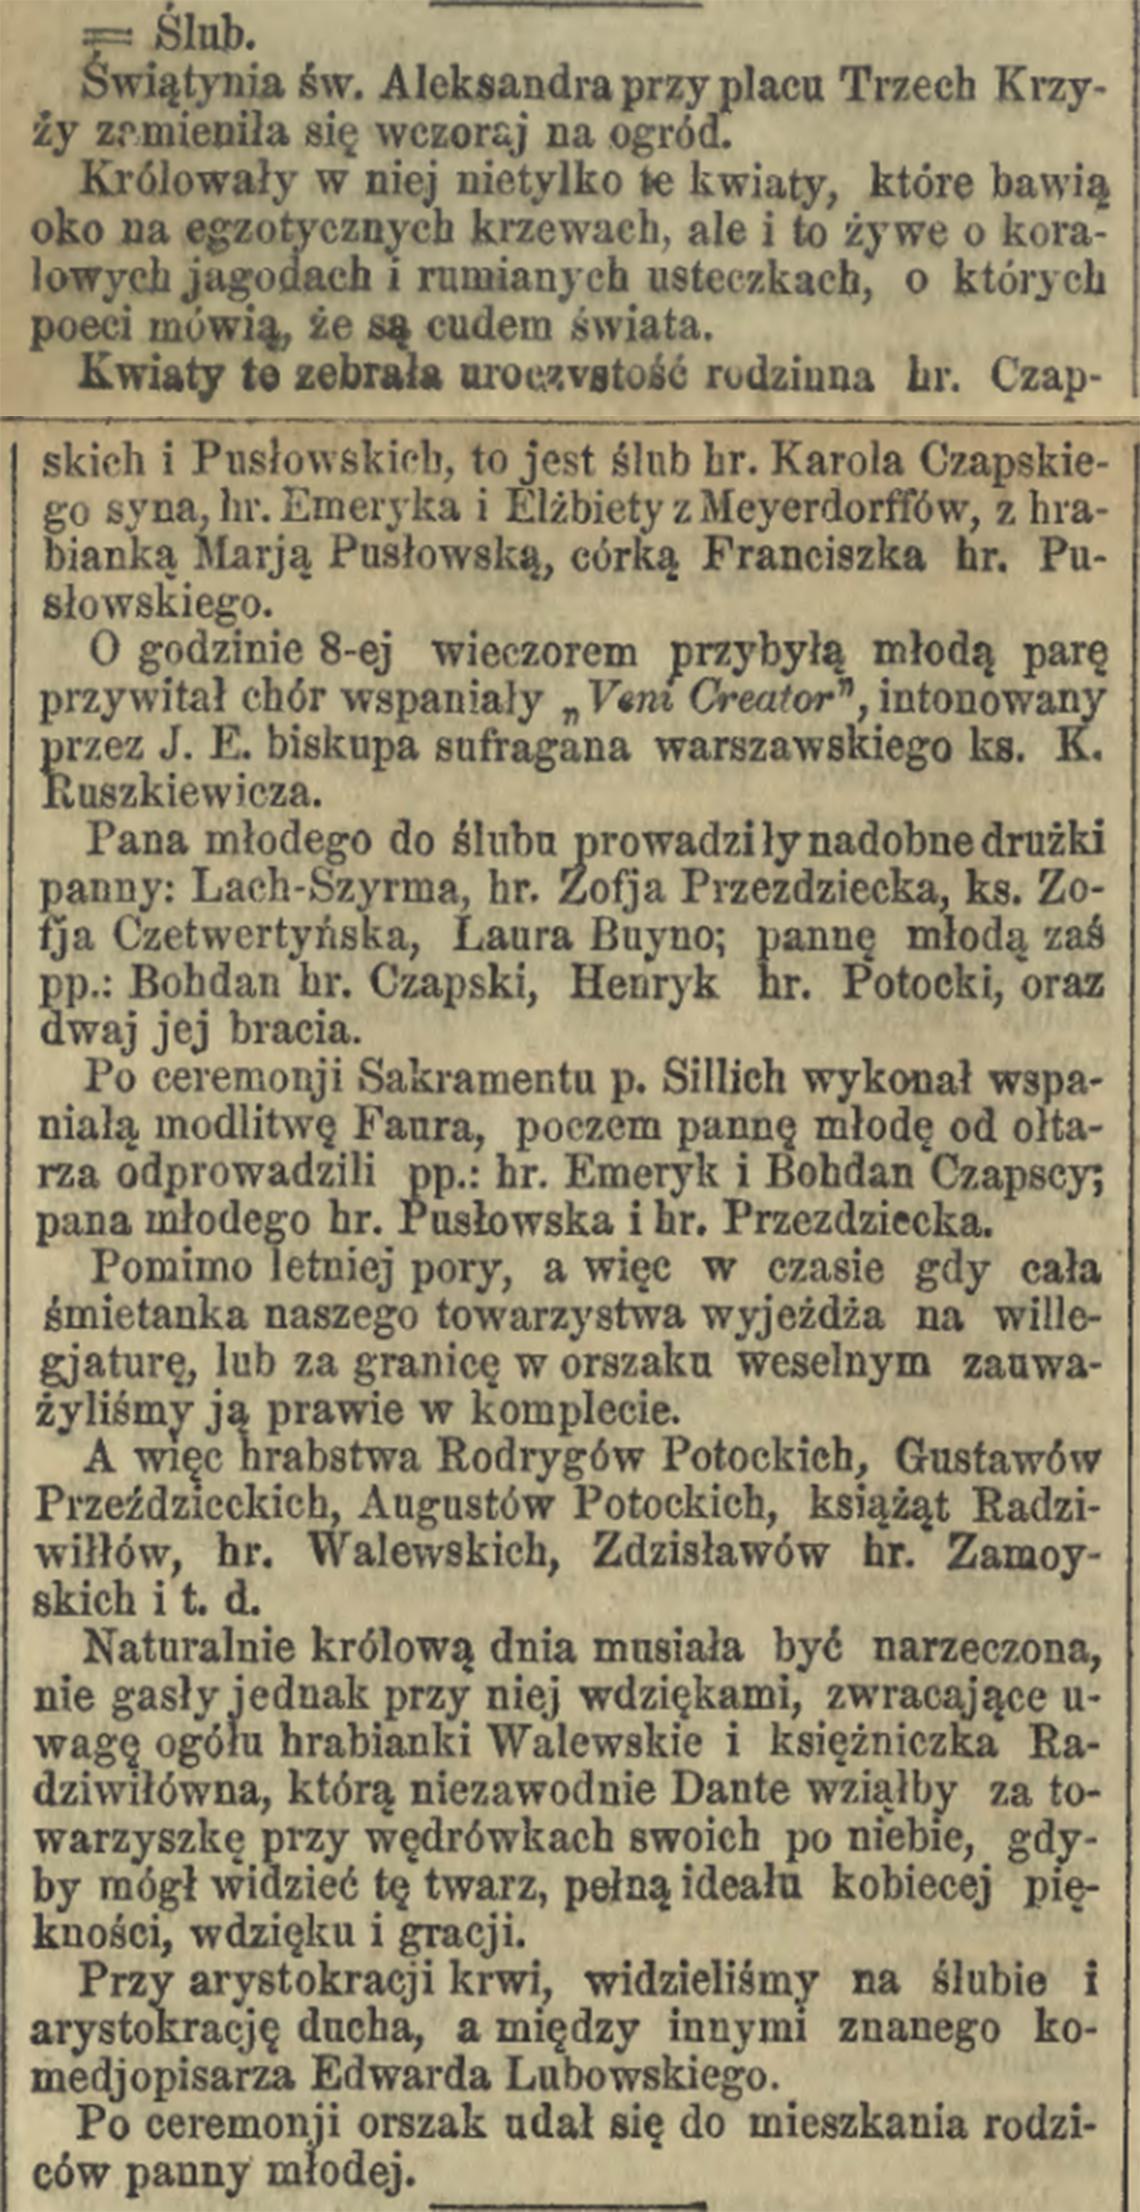 Informacja prasowa o ślubie hr. Karola Czapskiego & Marji Pusłowskiej w dniu 09/21.07.1894 r. (Kurier Warszawski nr 200 z 1894 r.)